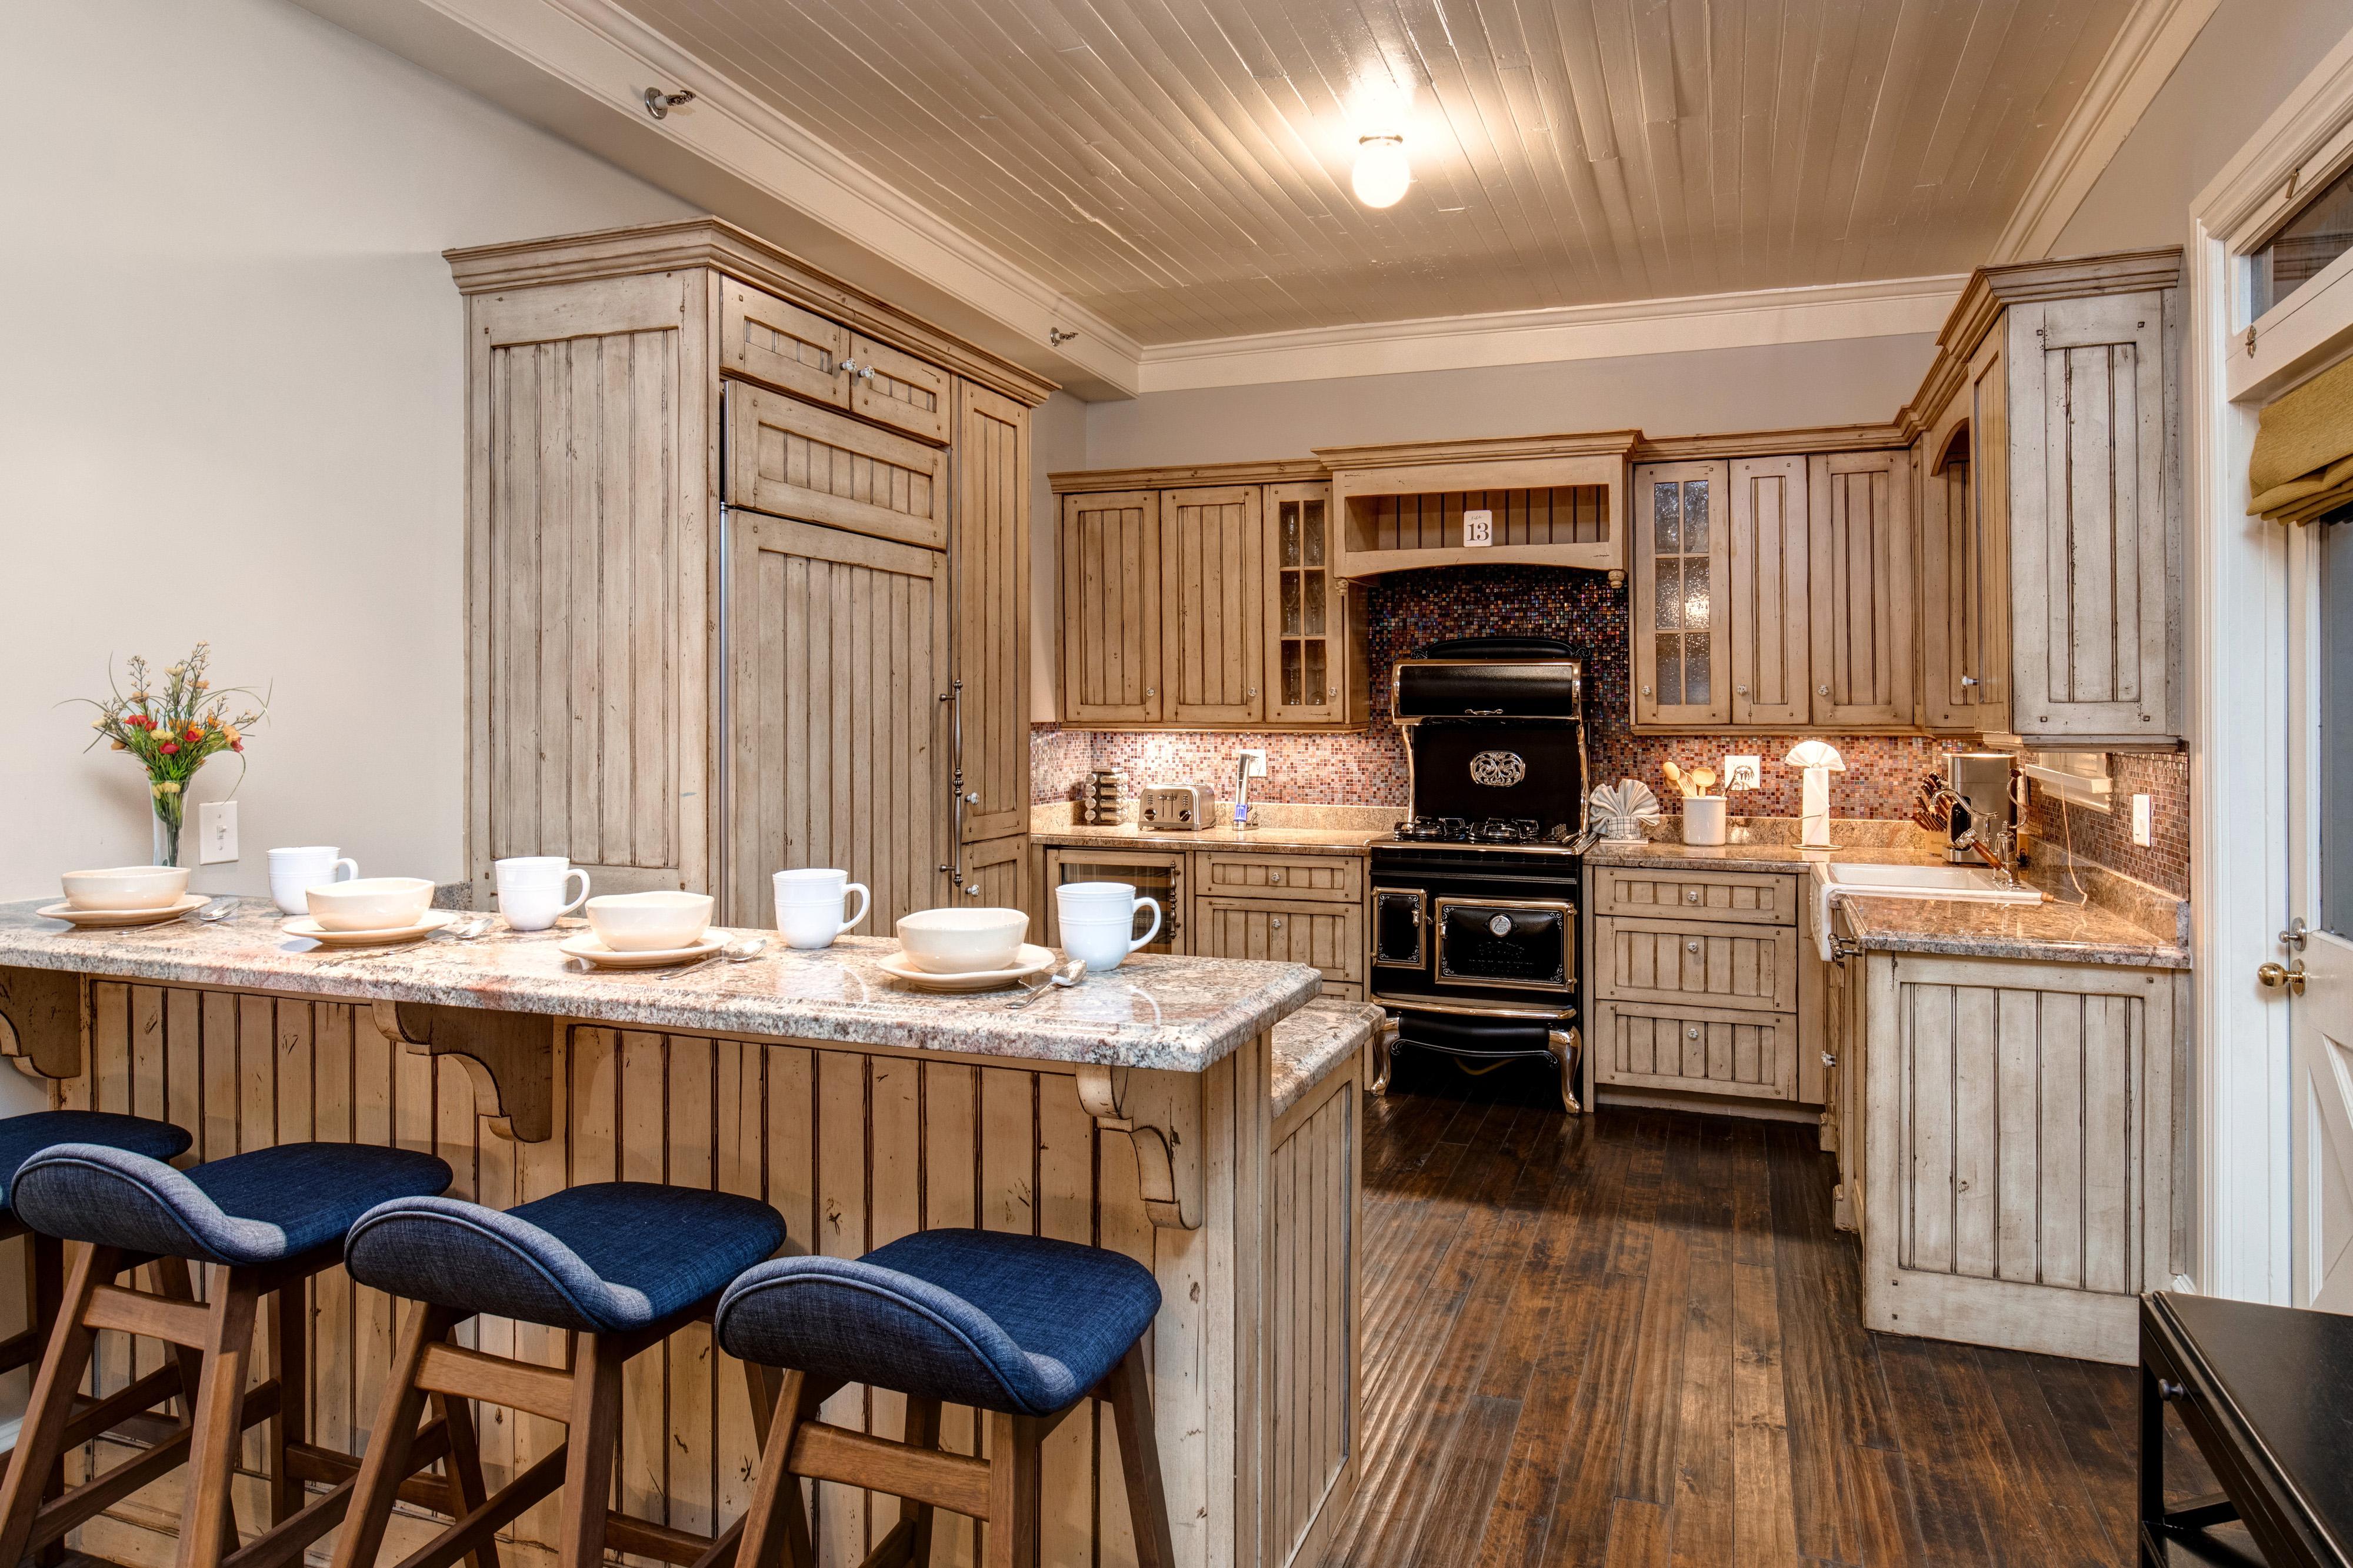 Abode Luxury Rentals Park City Heirloom House Interior Kitchen 1 Abode